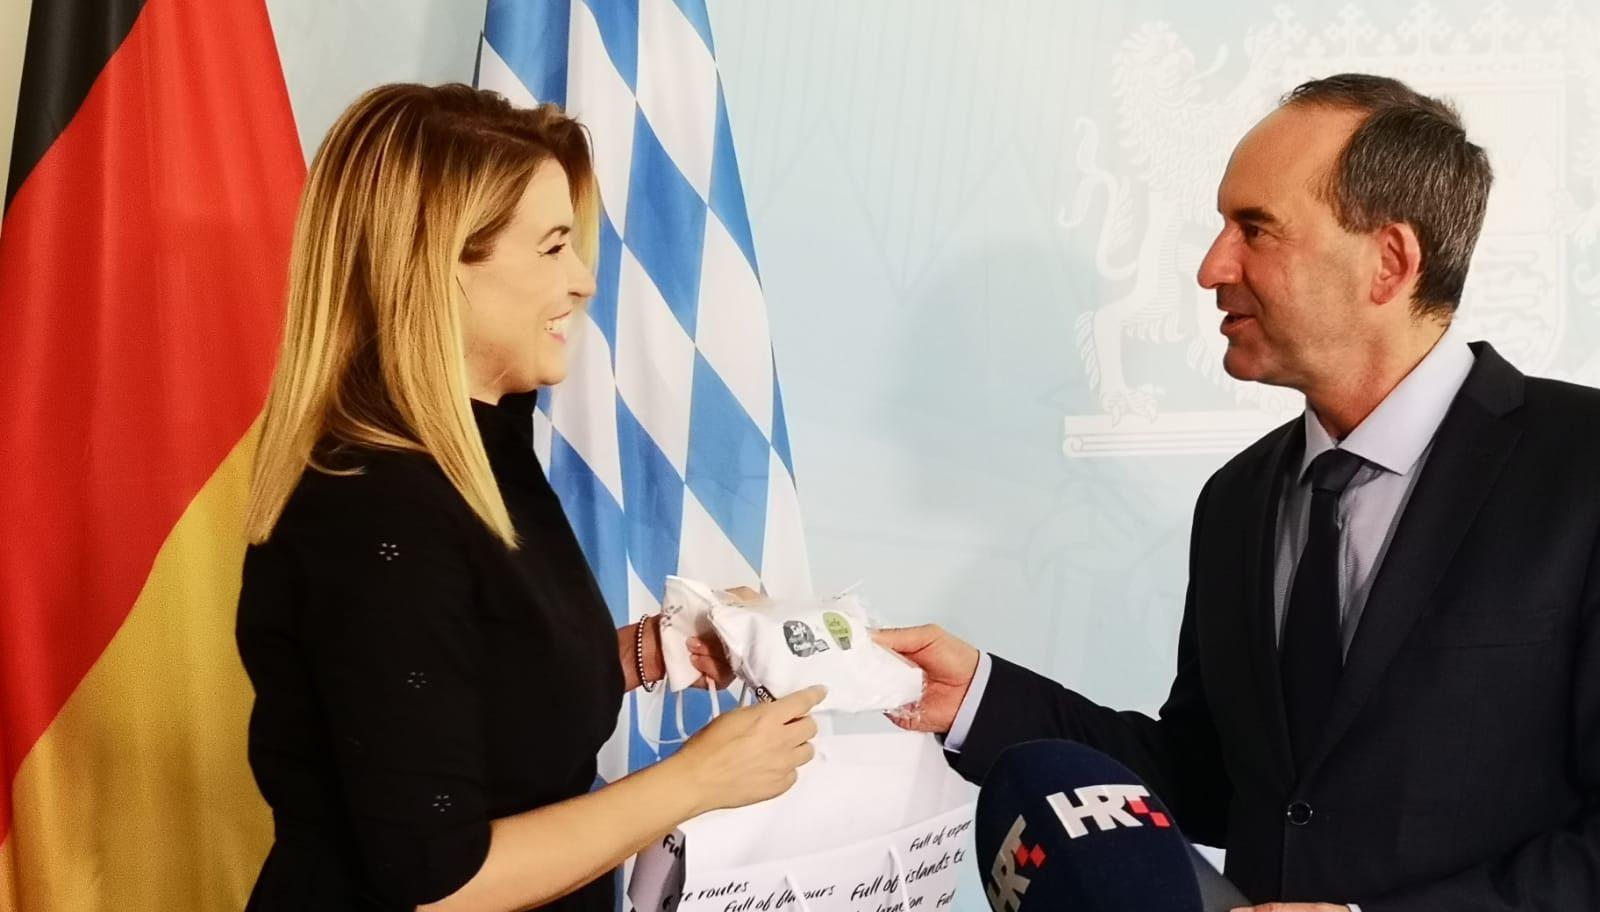 MINISTRICA BRNJAC U MÜNCHENU: Turisti iz Bavarske čine polovicu ukupnih gostiju iz Njemačke, poduzimamo sve kako bi Hrvatska bila prepoznata kao ugodna i sigurna destinacija